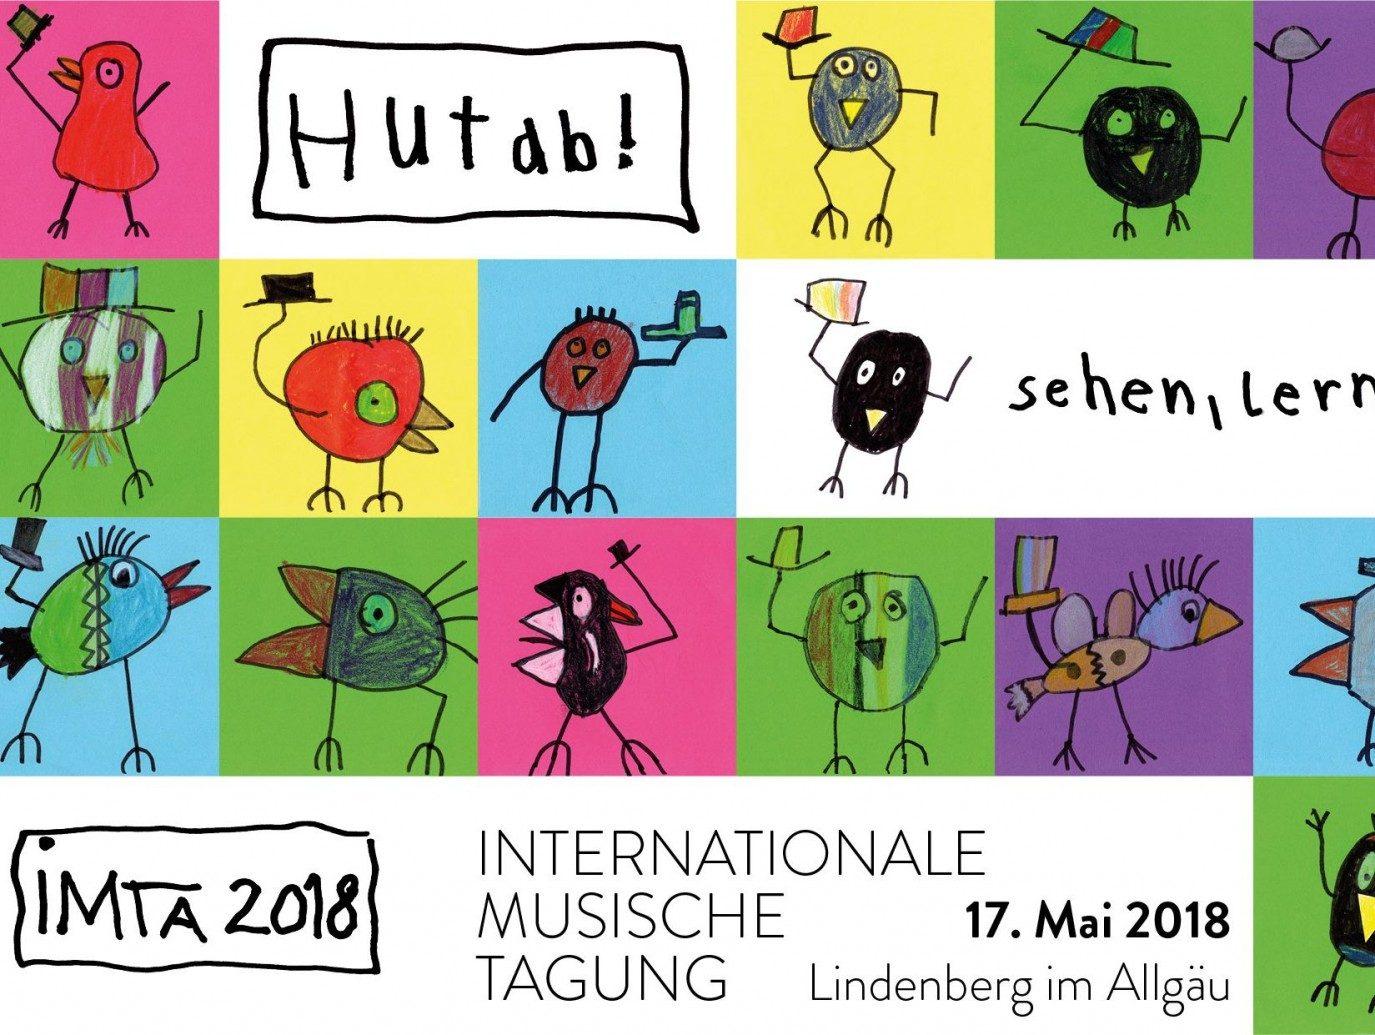 Das Greenteam auf der IMTA 2018 in Lindenberg